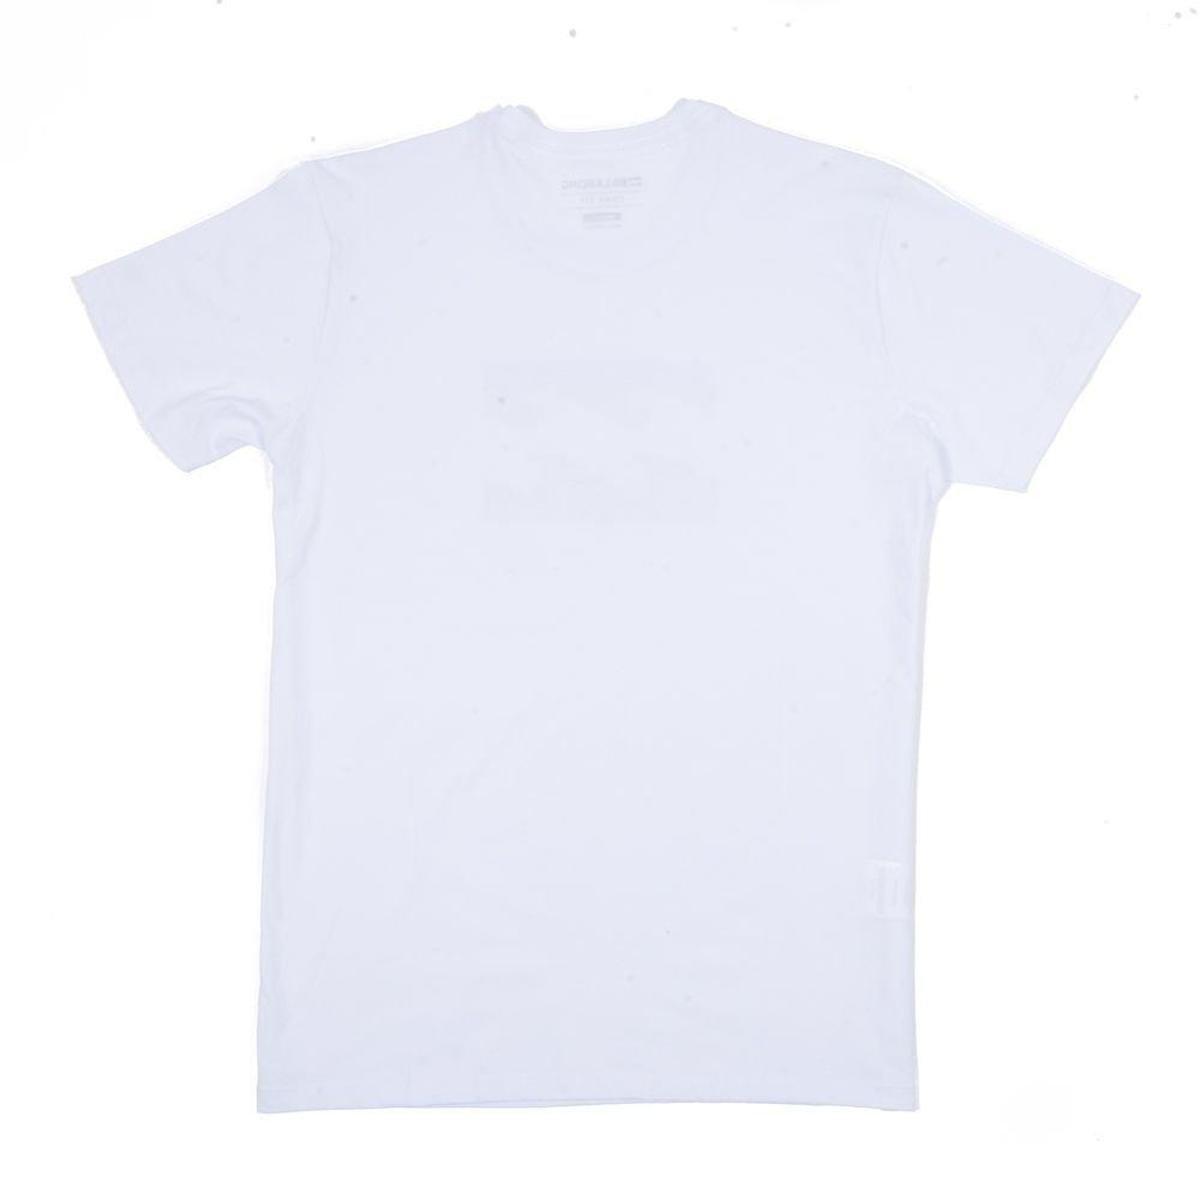 Camiseta Billabong Team Wave IV - Branco - Compre Agora  a7f53d9ce243